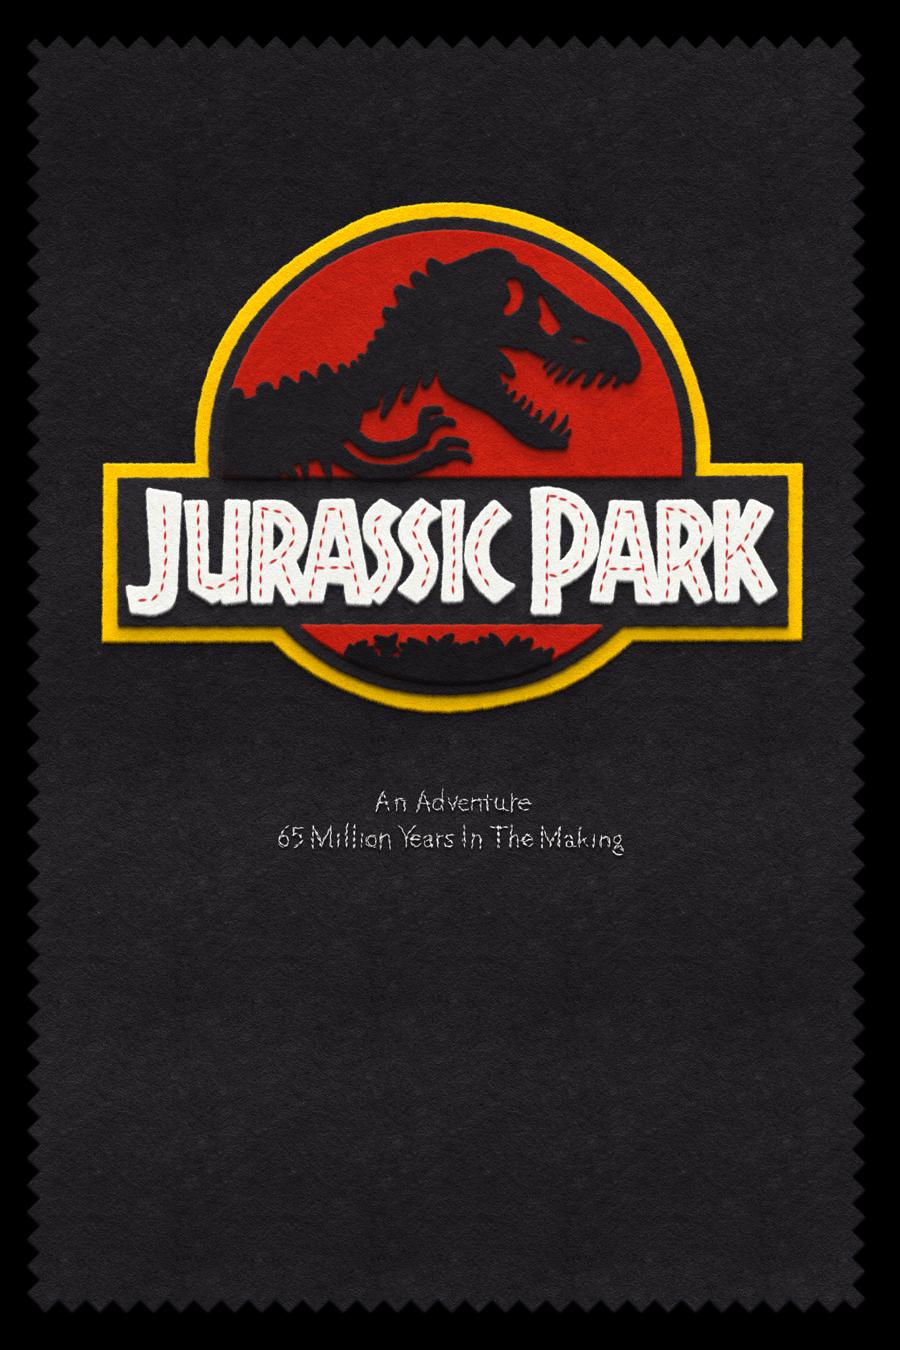 Jurassic Park  felt design